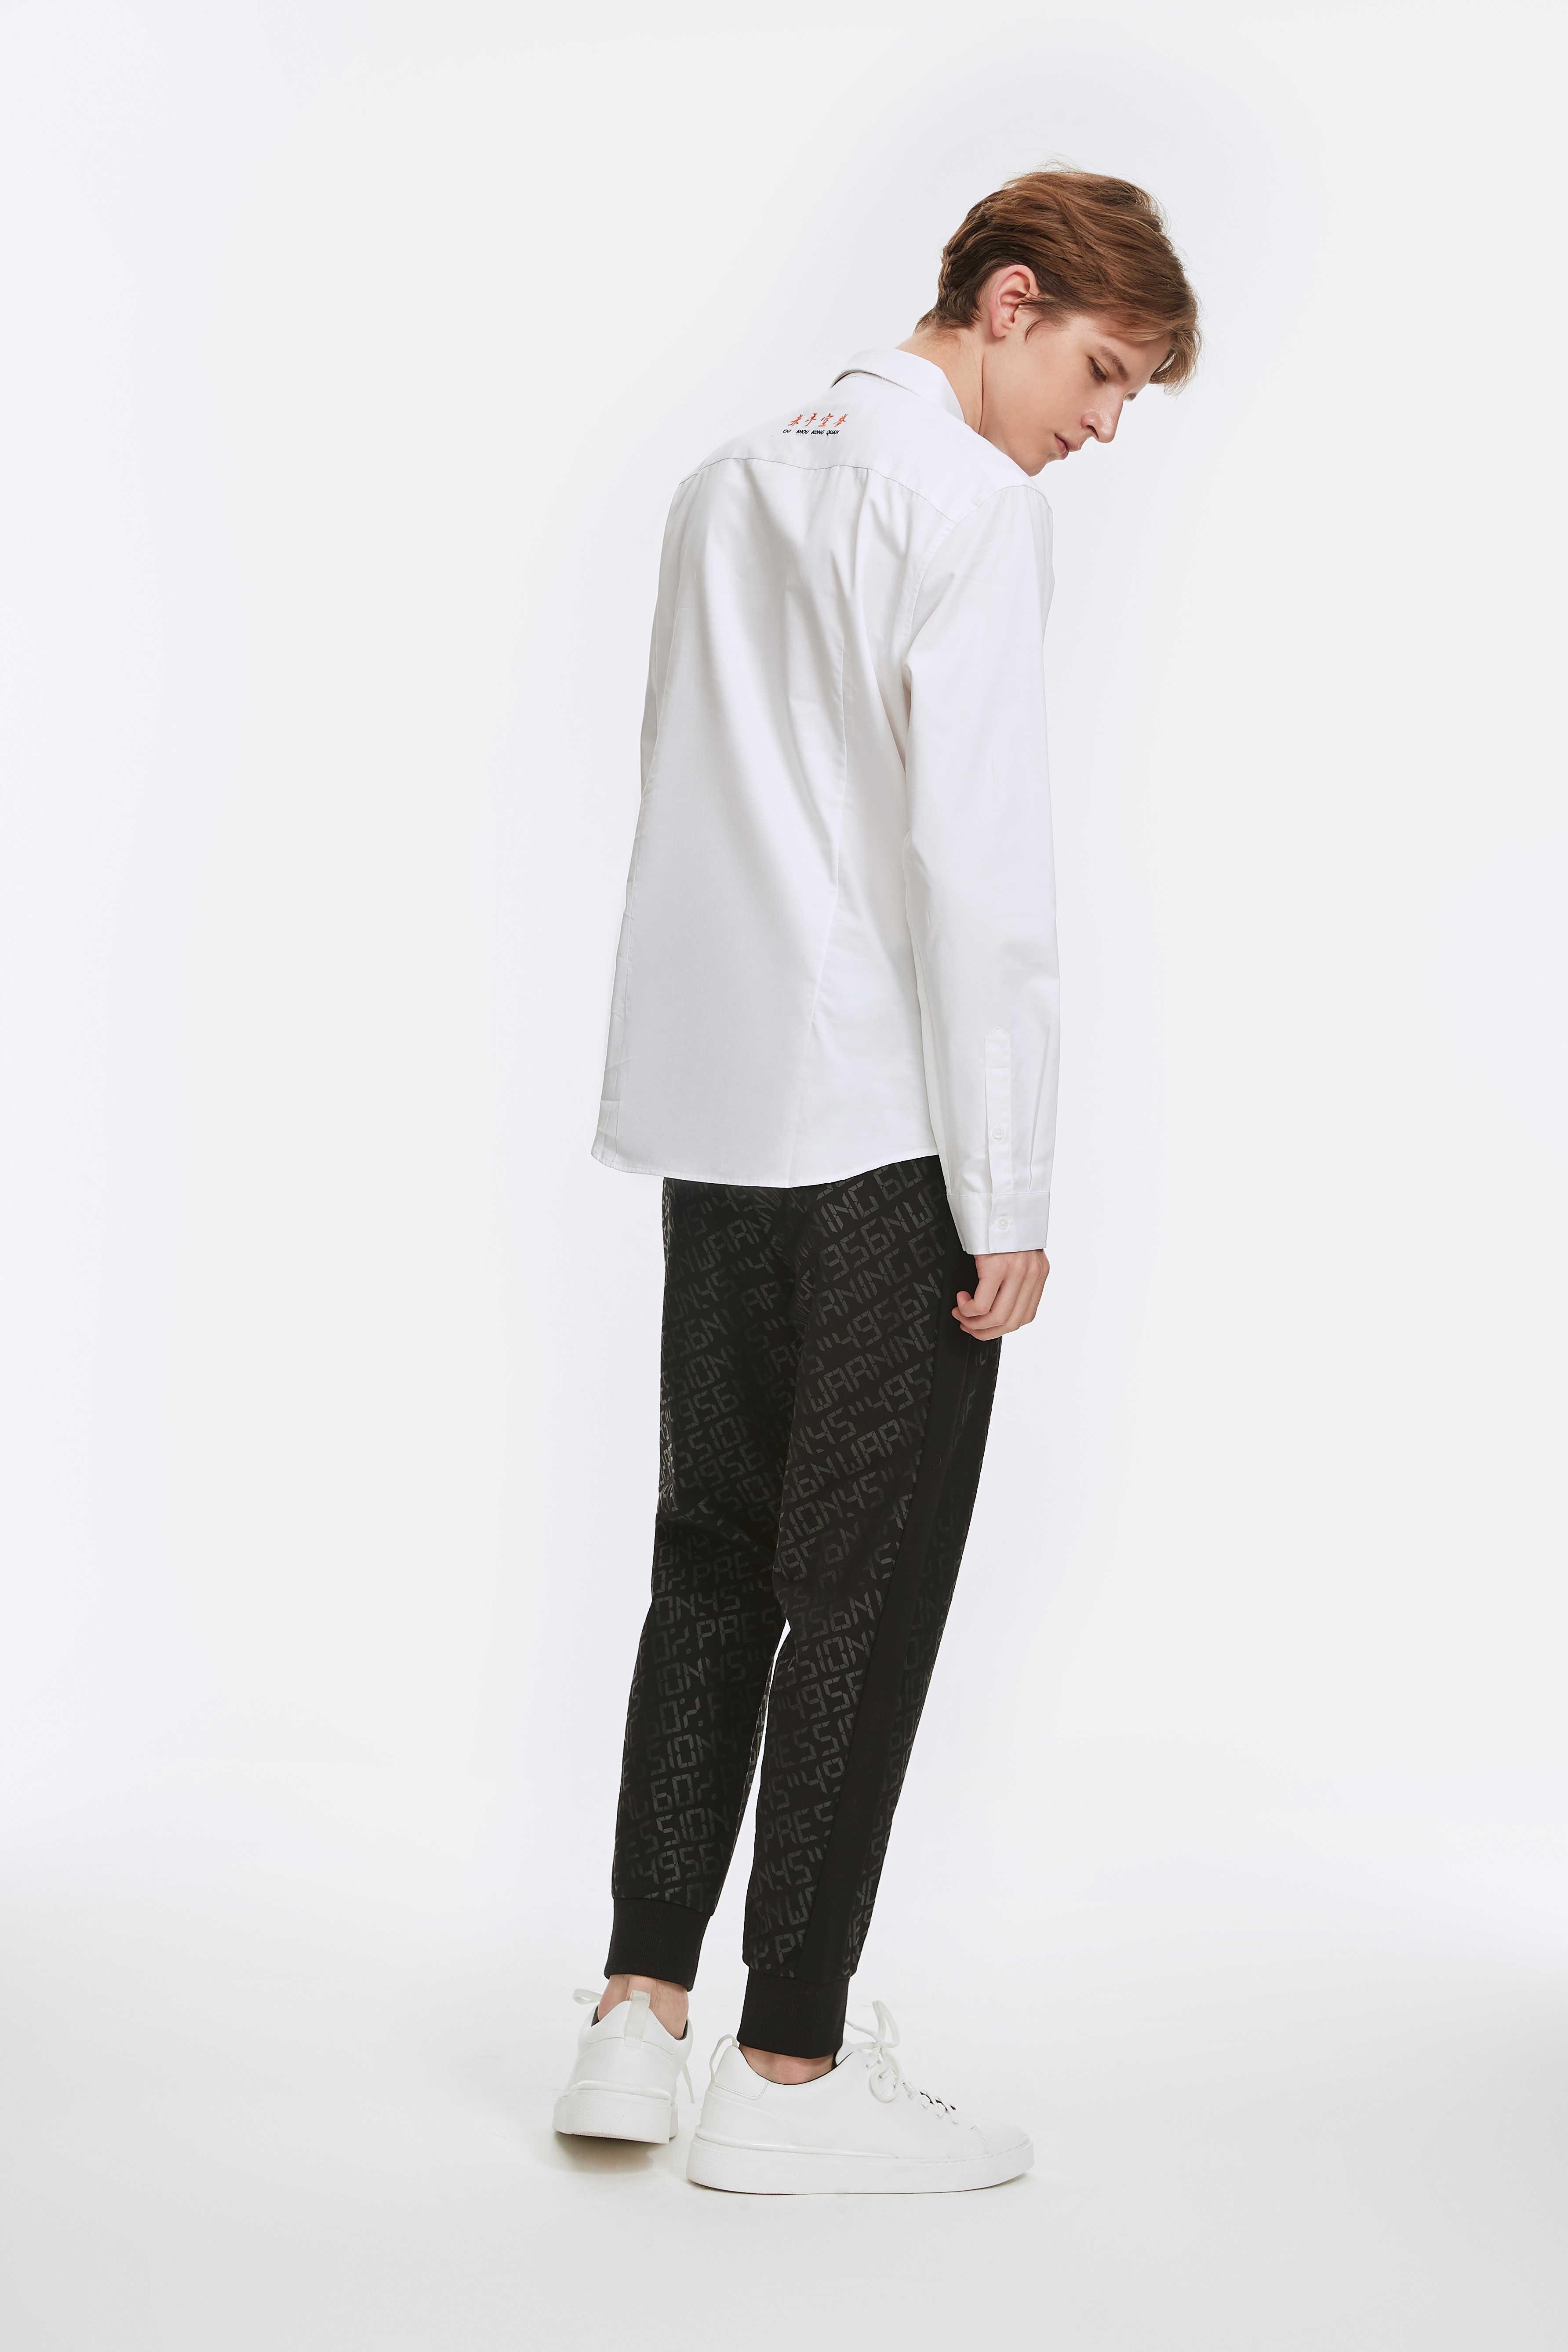 Mark Fairwhale Autunno di Modo Degli Uomini Casual Camicette Stampa Gira-giù il Collare Bianco Manica Lunga Magliette e camicette Gli Uomini 718303012004